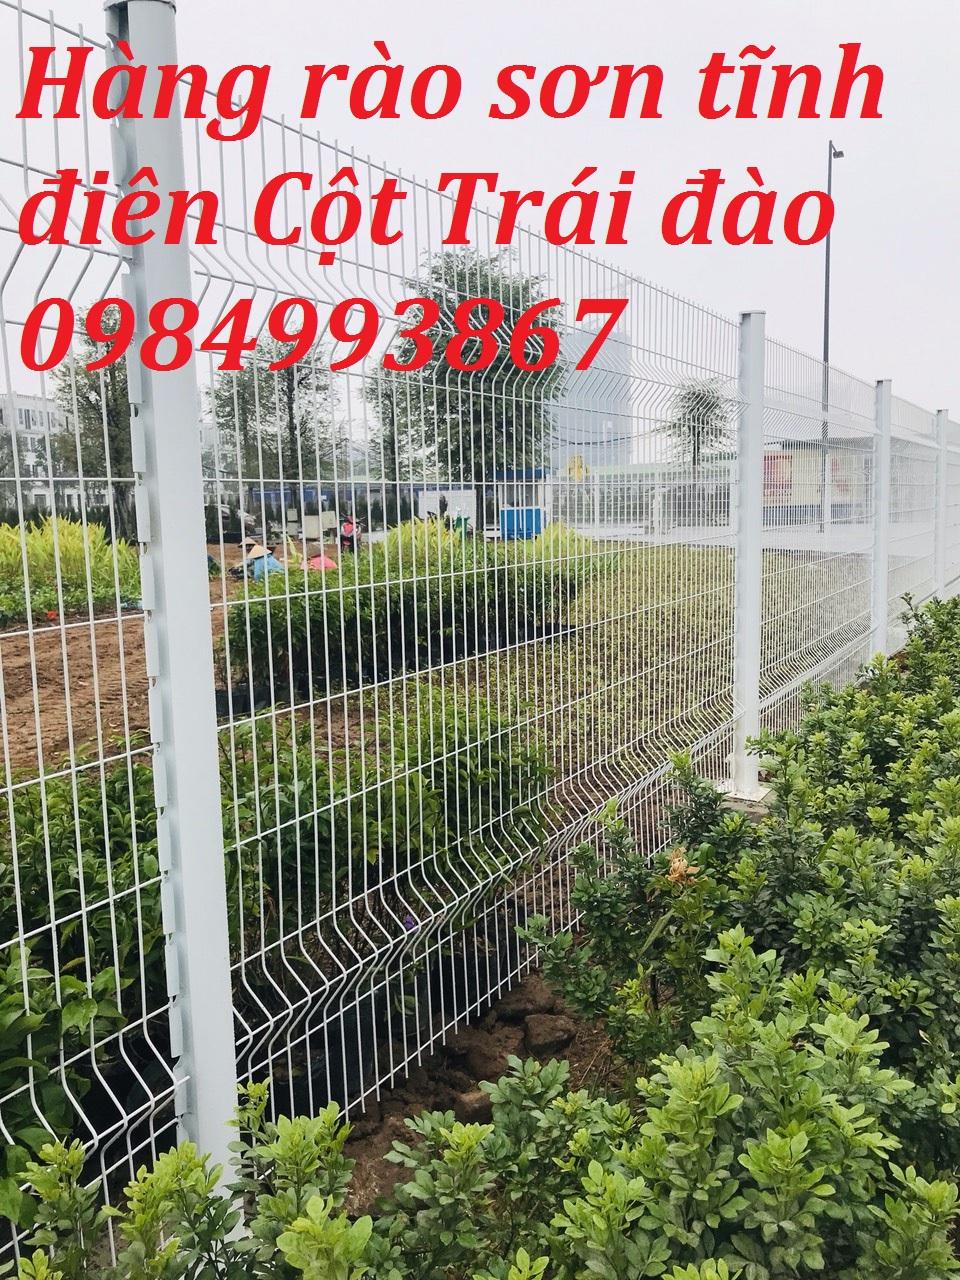 Lưới thép hàng rào bảo vệ công viên mạ kẽm sơn tĩnh điện 0984993867